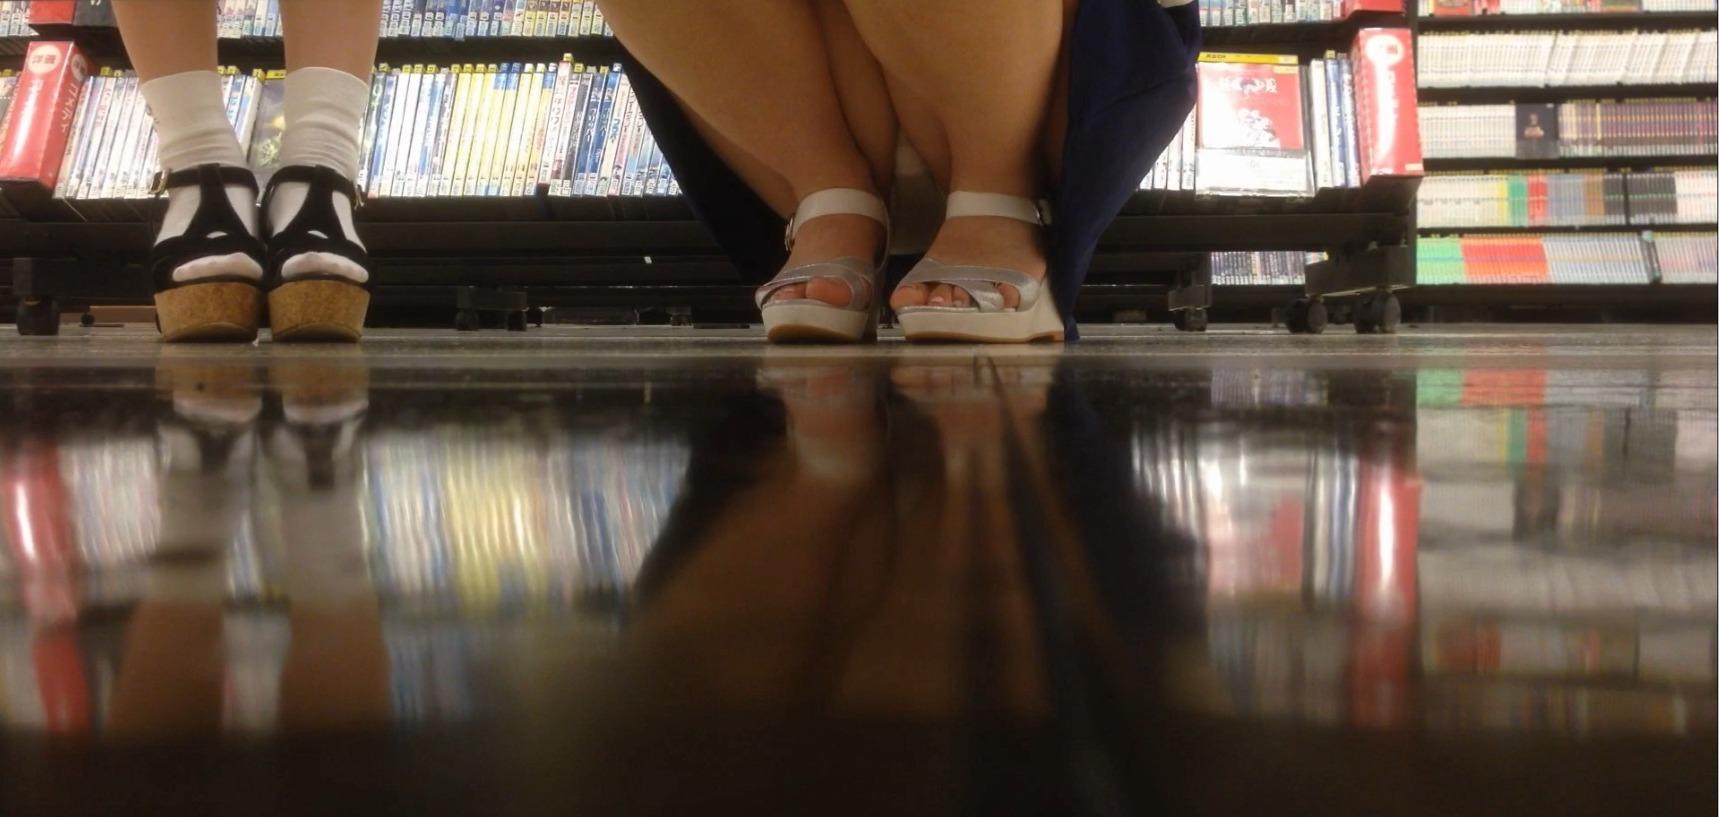 レンタルショップで女性客のパンツ撮影してるパンチラ画像 gXEXK36C9